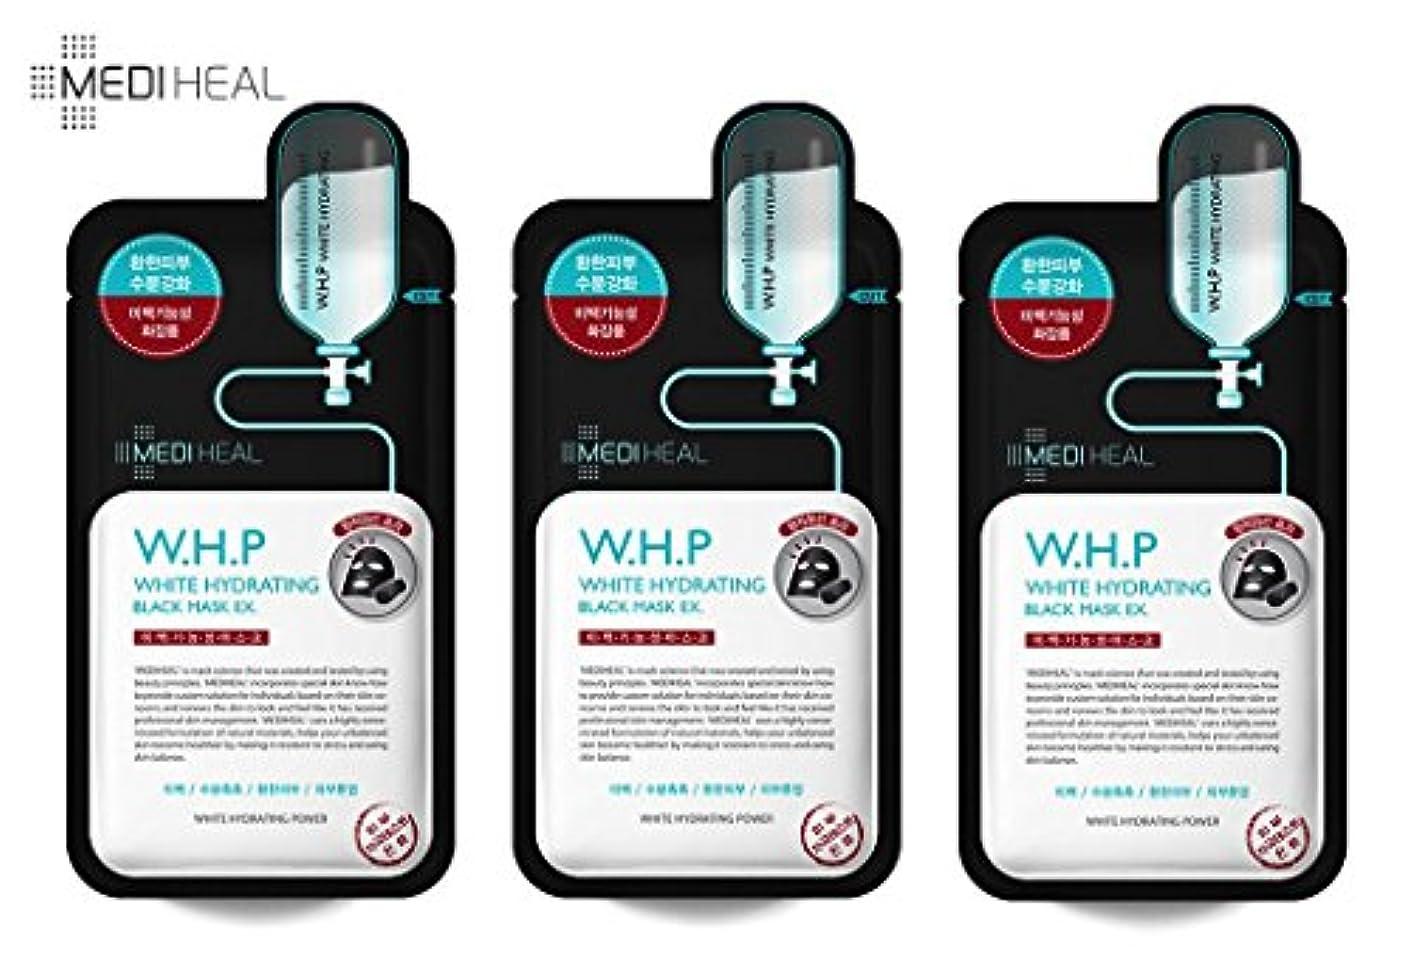 不完全な神聖スポンサー[本物] メディヒール Mediheal W.H.P 美白水分 ミネラル 炭 マスクパック (10枚) [並行輸入品]